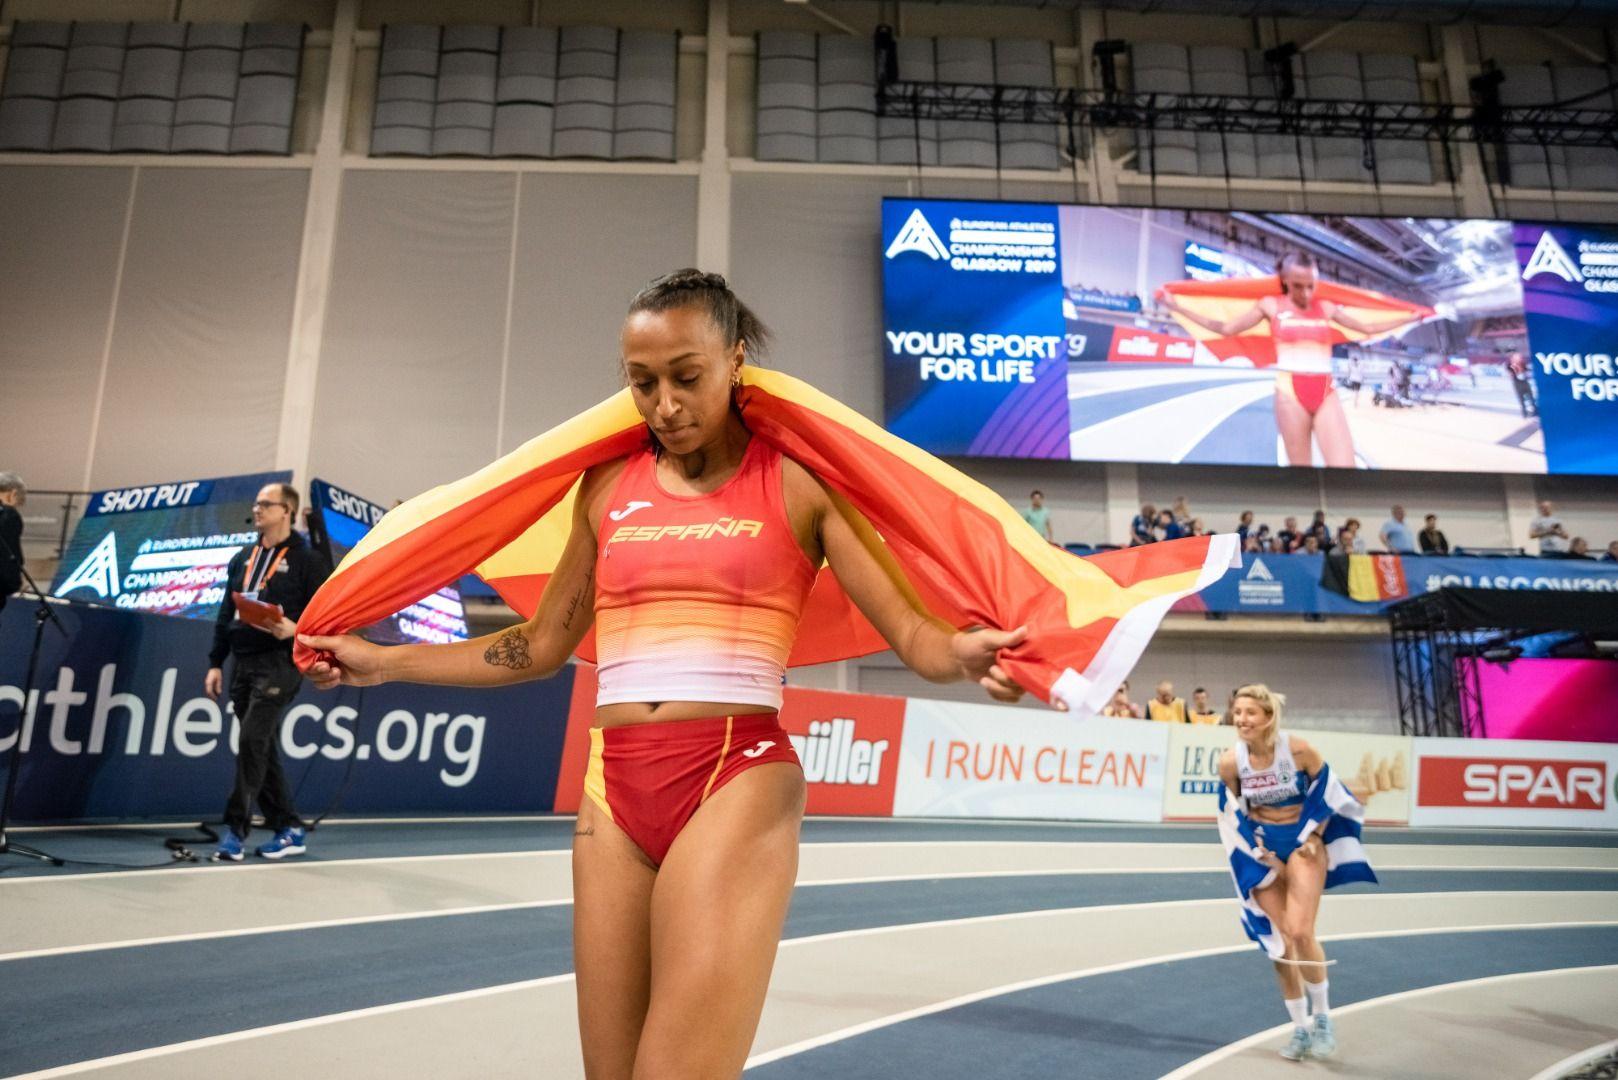 Ana Peleteiro en su vuelta de honor con la bandera de España